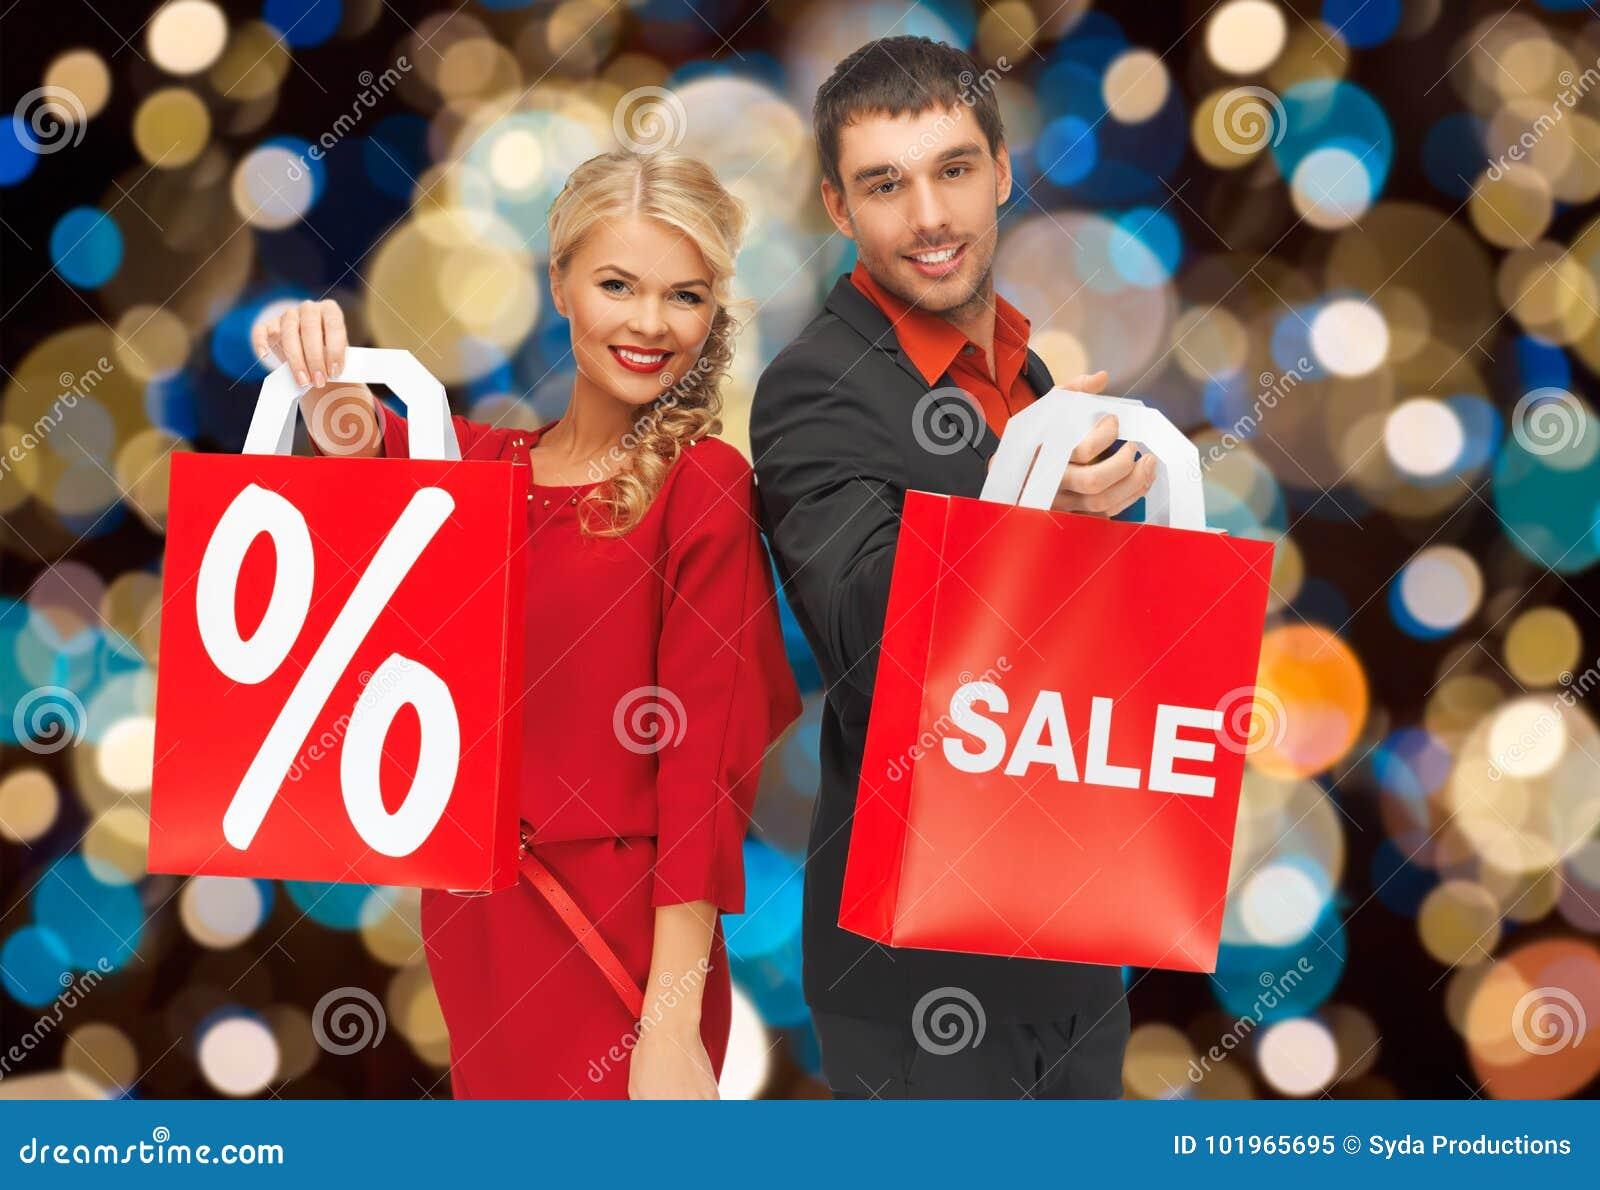 Ζεύγος με το σημάδι πώλησης και έκπτωσης στην τσάντα αγορών